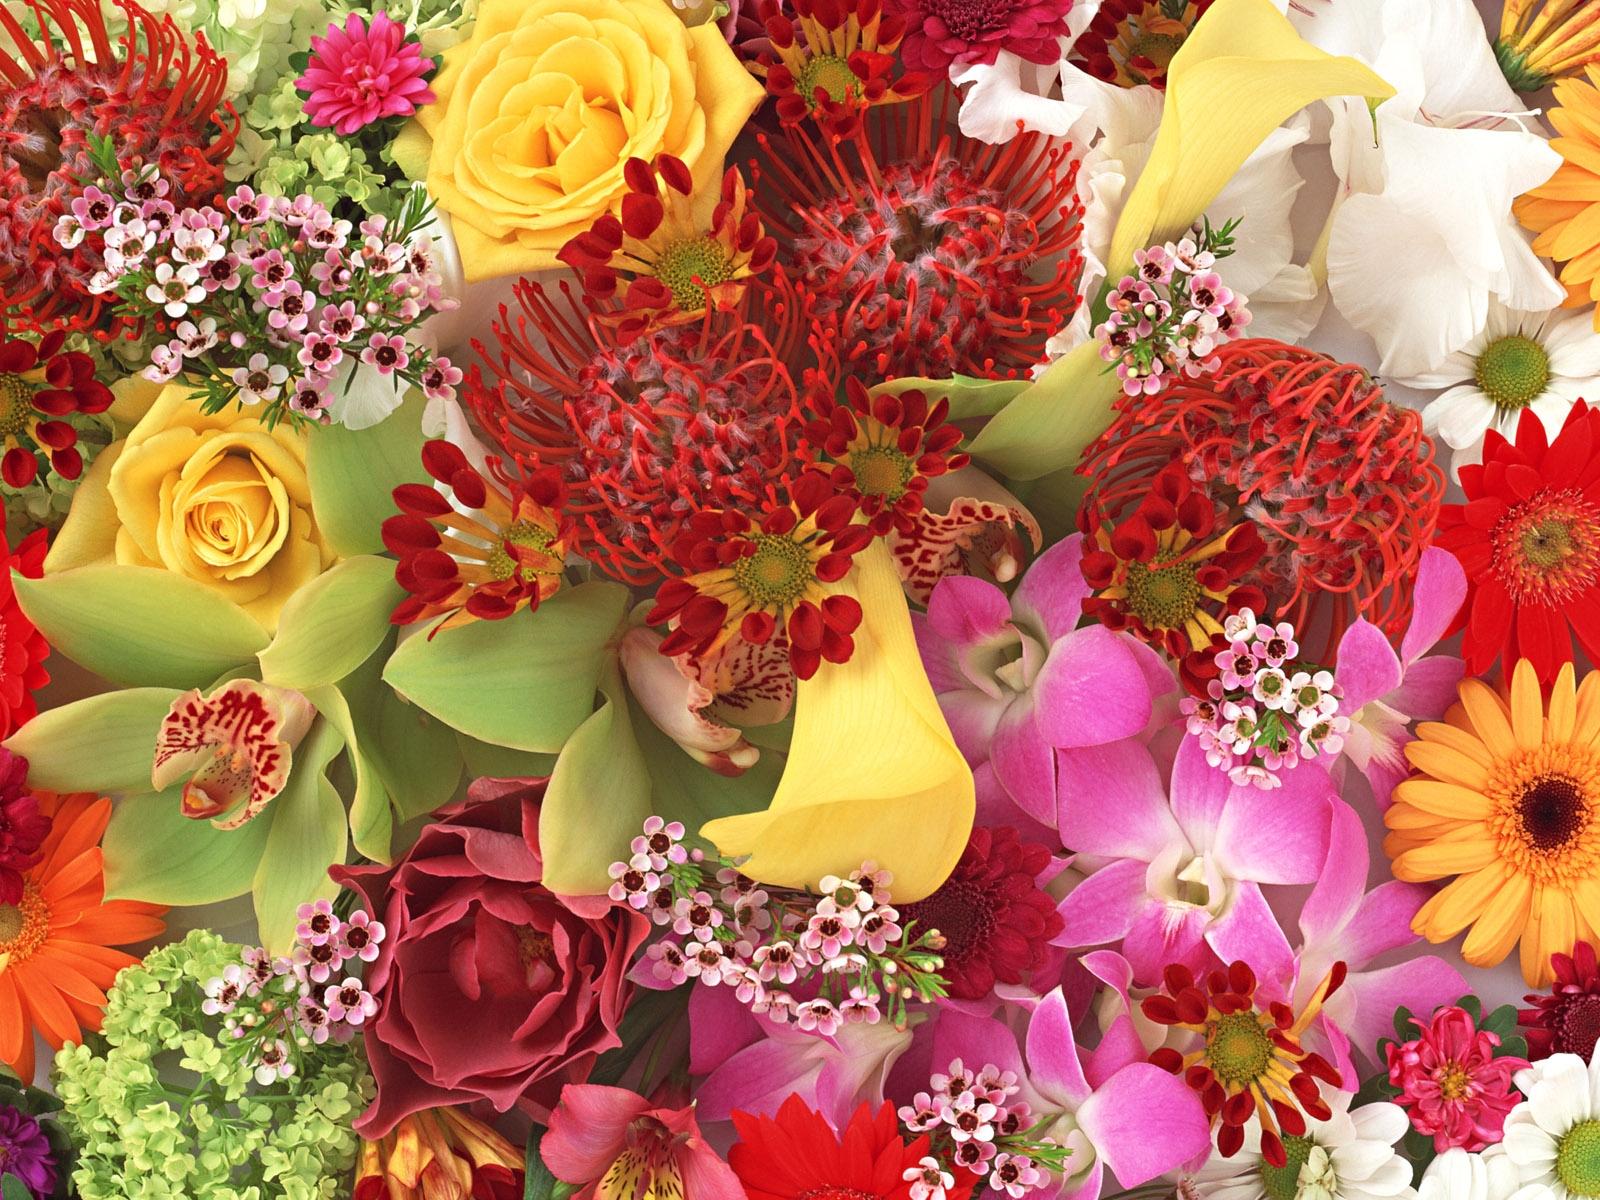 Красивые фото открытки цветов, юбилеем зятя картинки